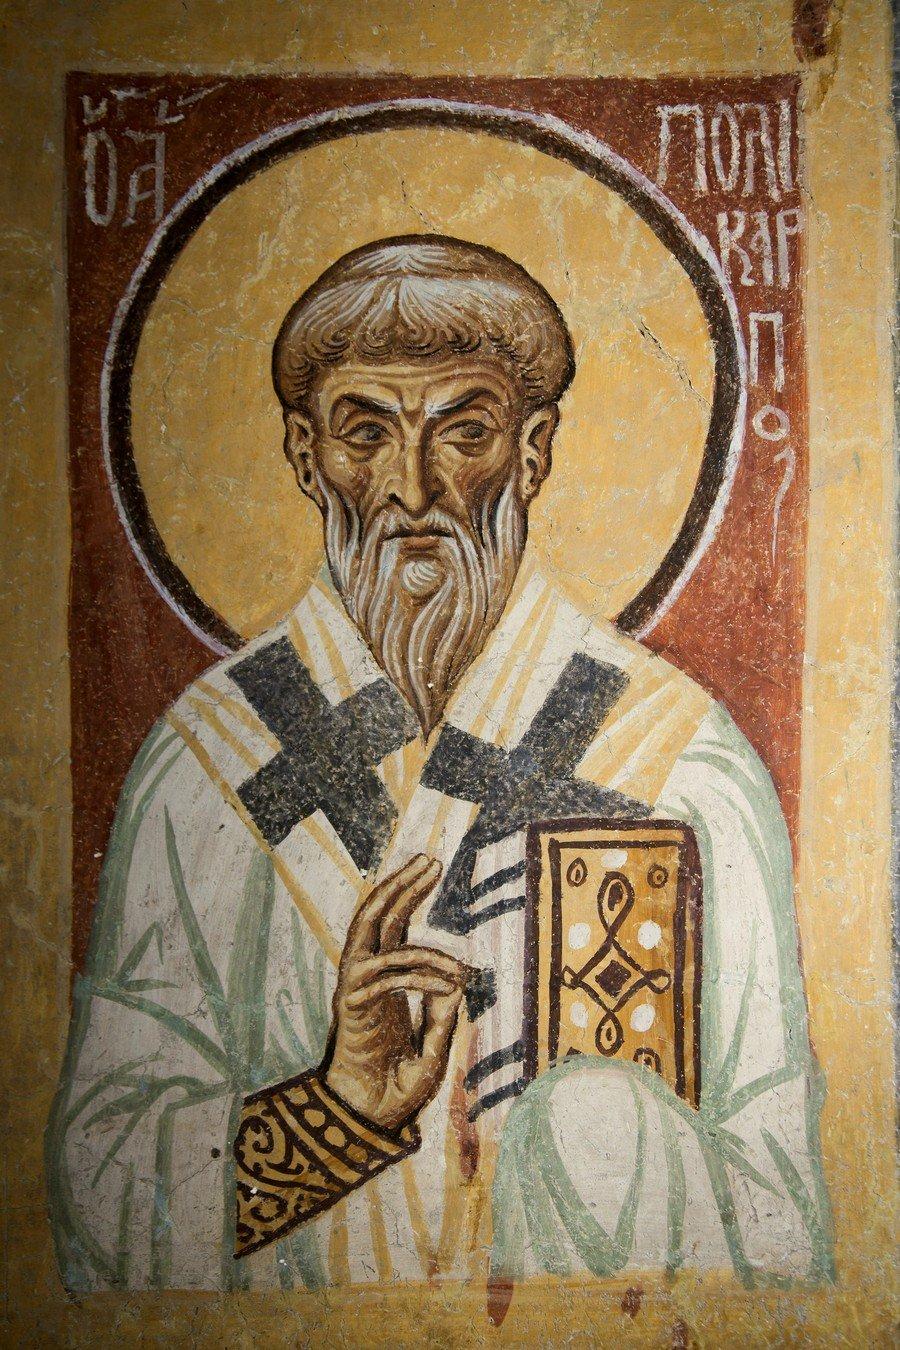 Священномученик Поликарп, Епископ Смирнский. Фреска церкви Святого Пантелеимона в Нерези близ Скопье. 1164 год.